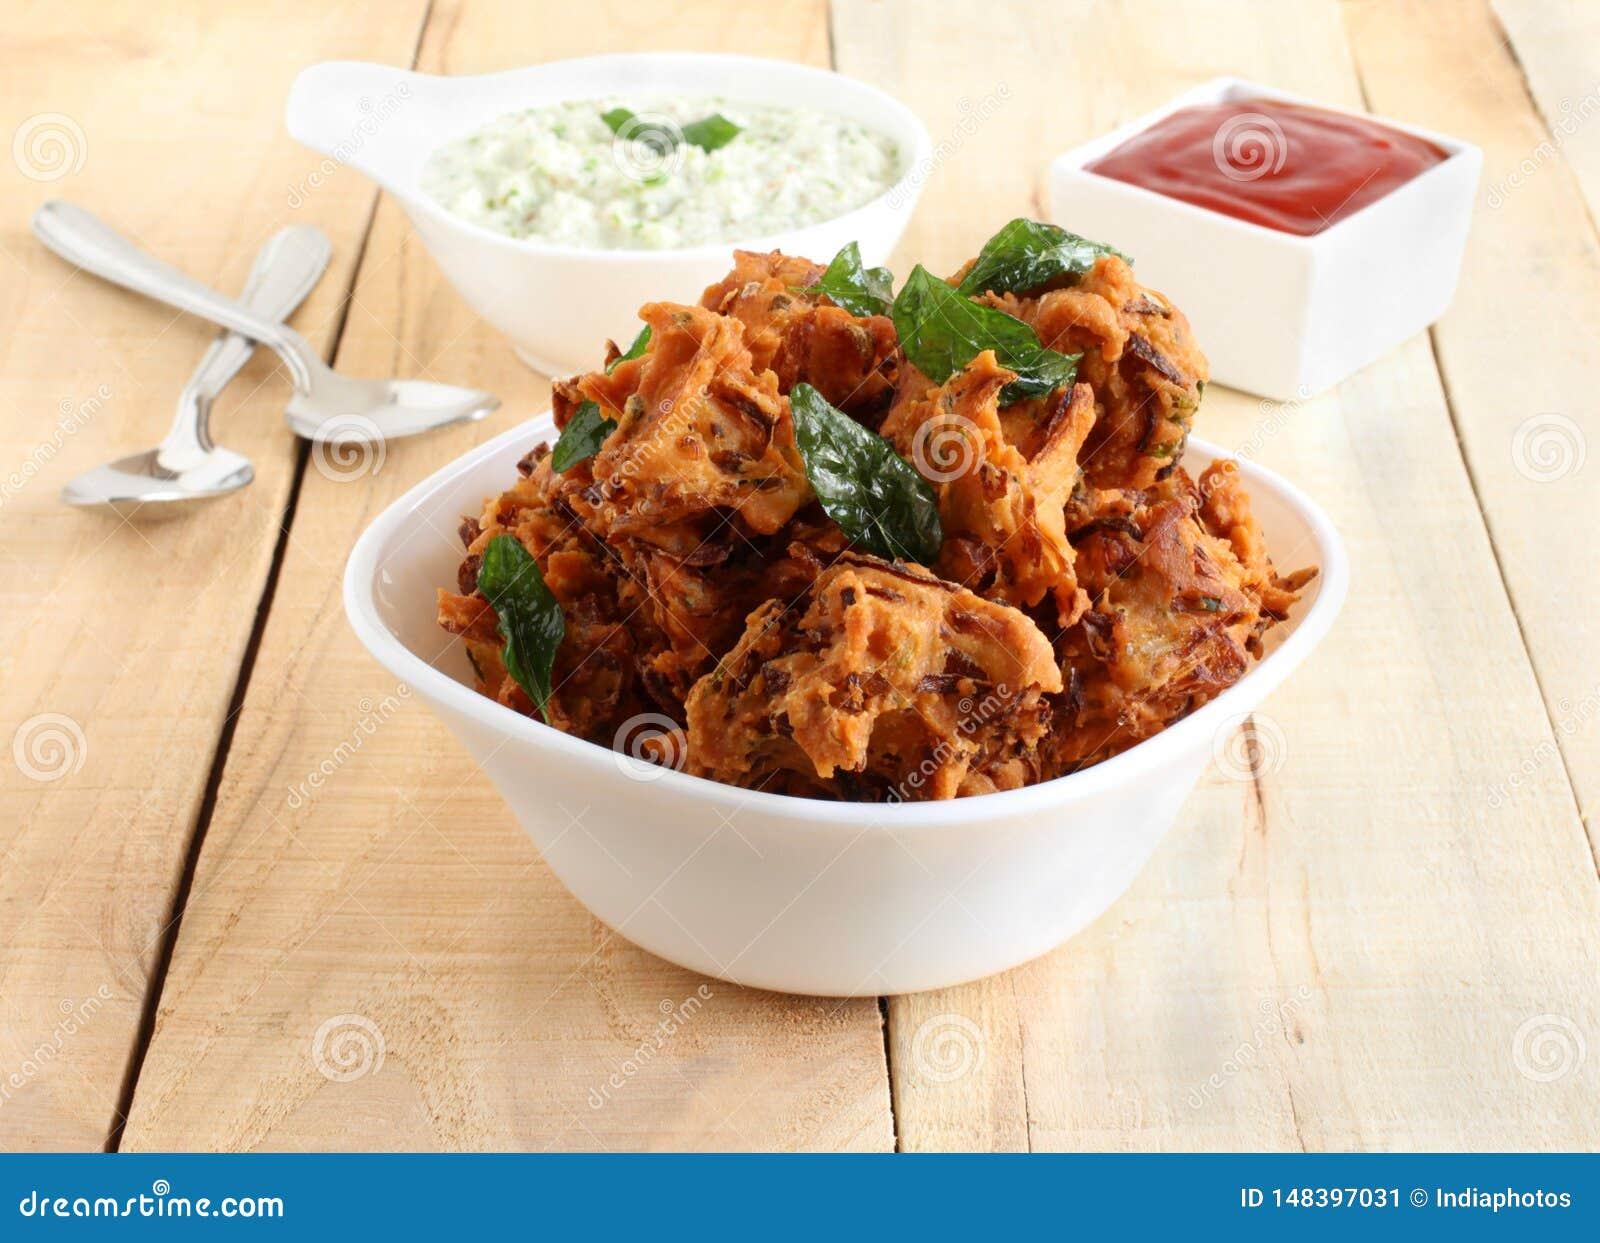 Pakoda Traditionele en Populaire Indische Vegetarische Snack in een Kom